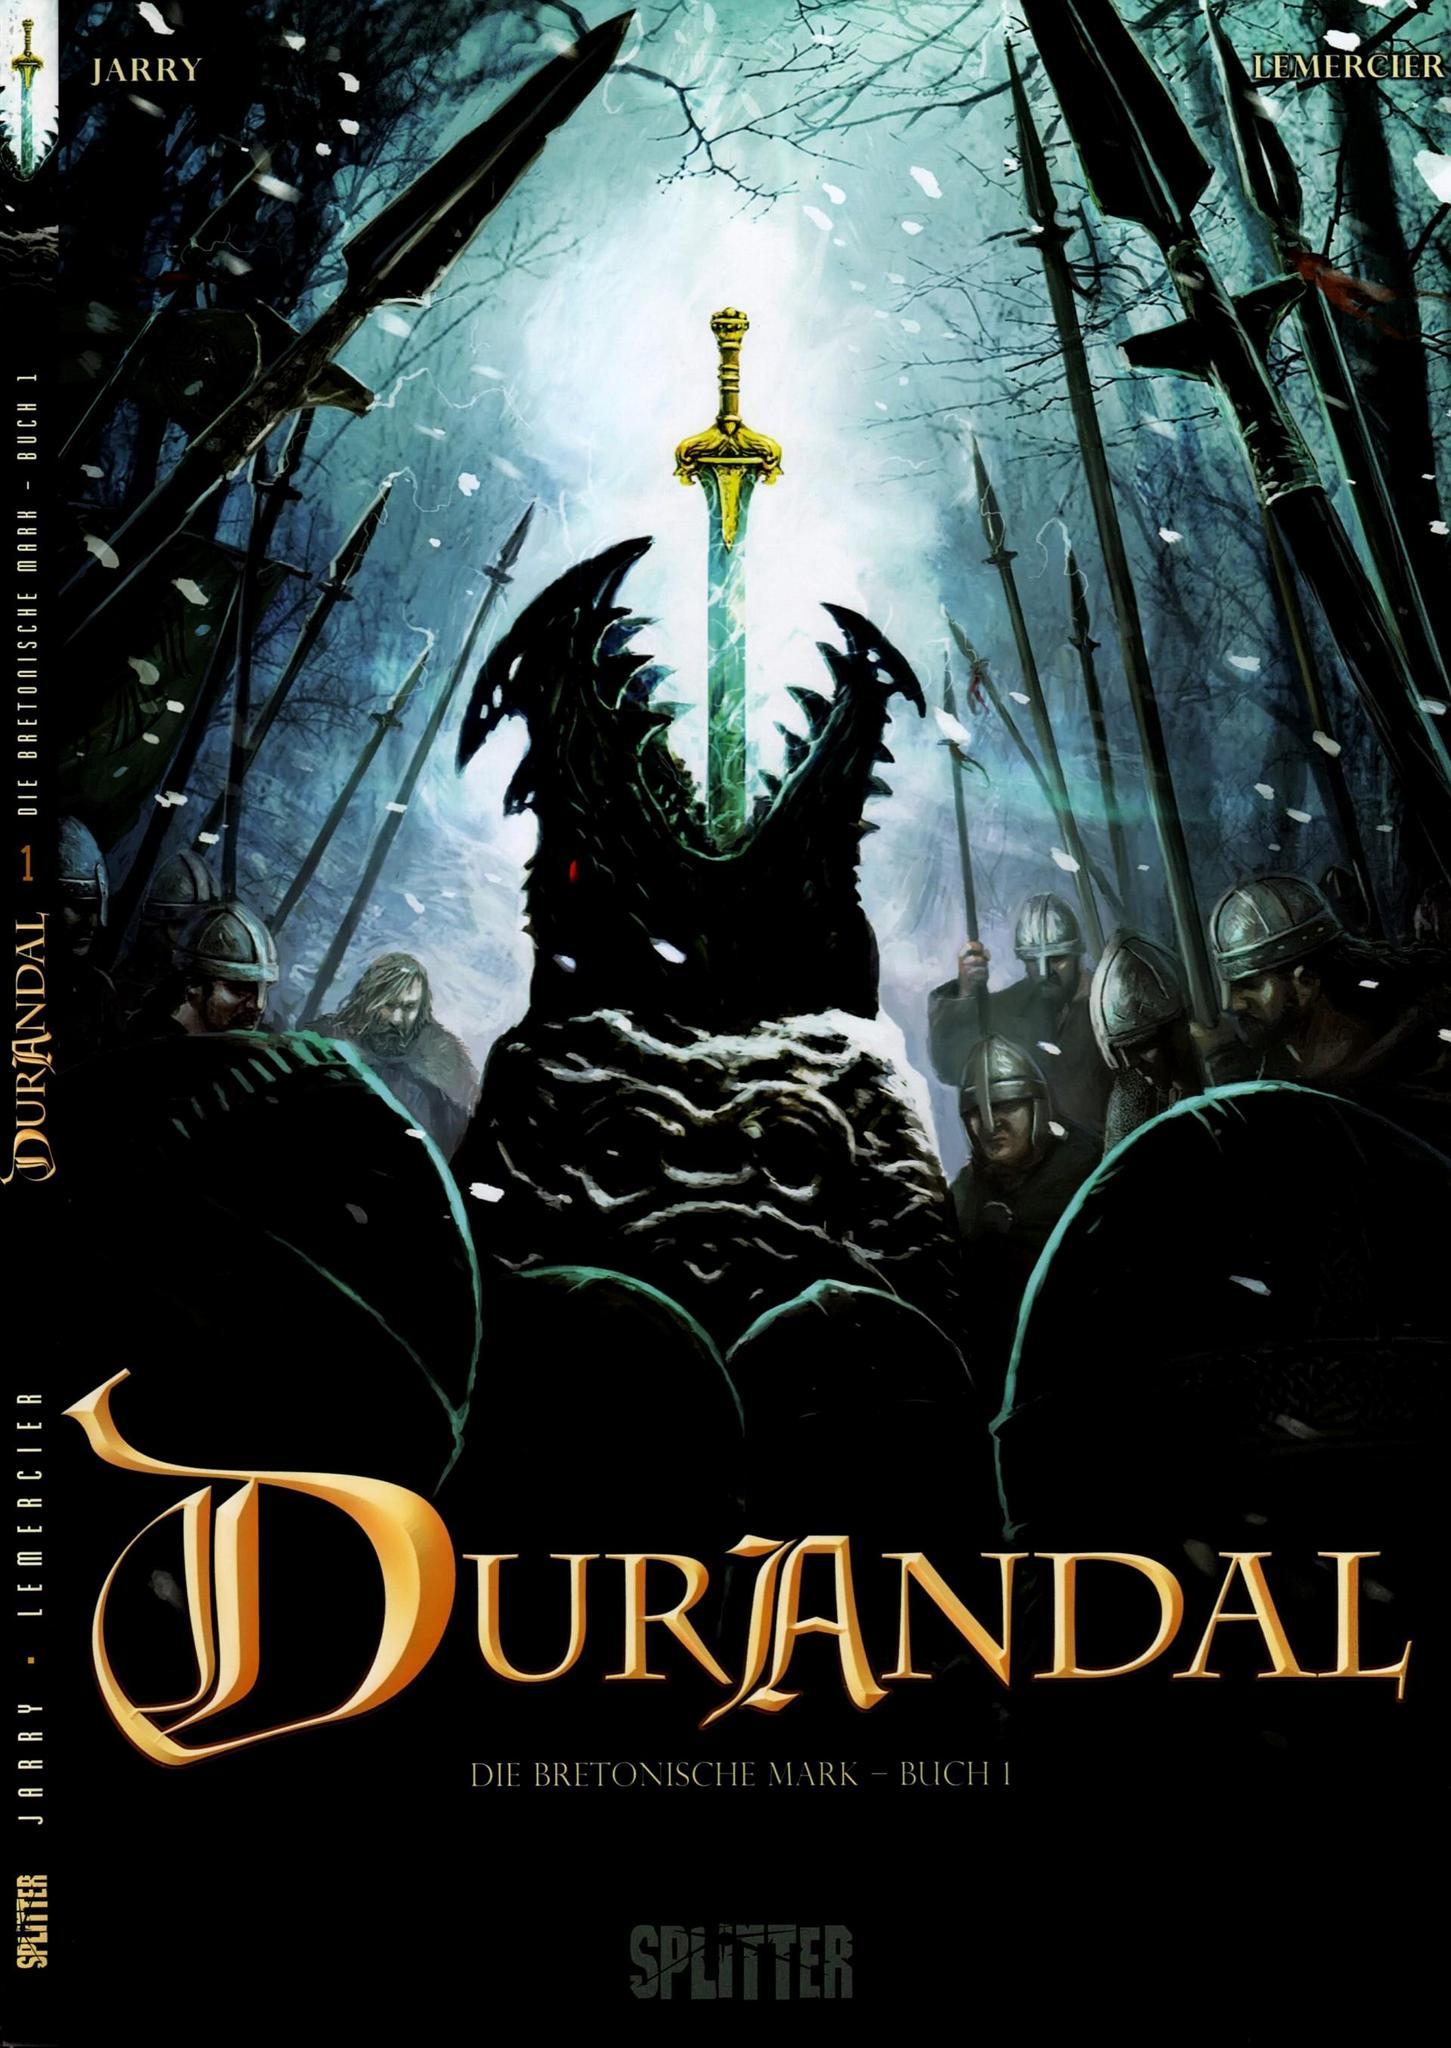 Durandal (2012) - komplett